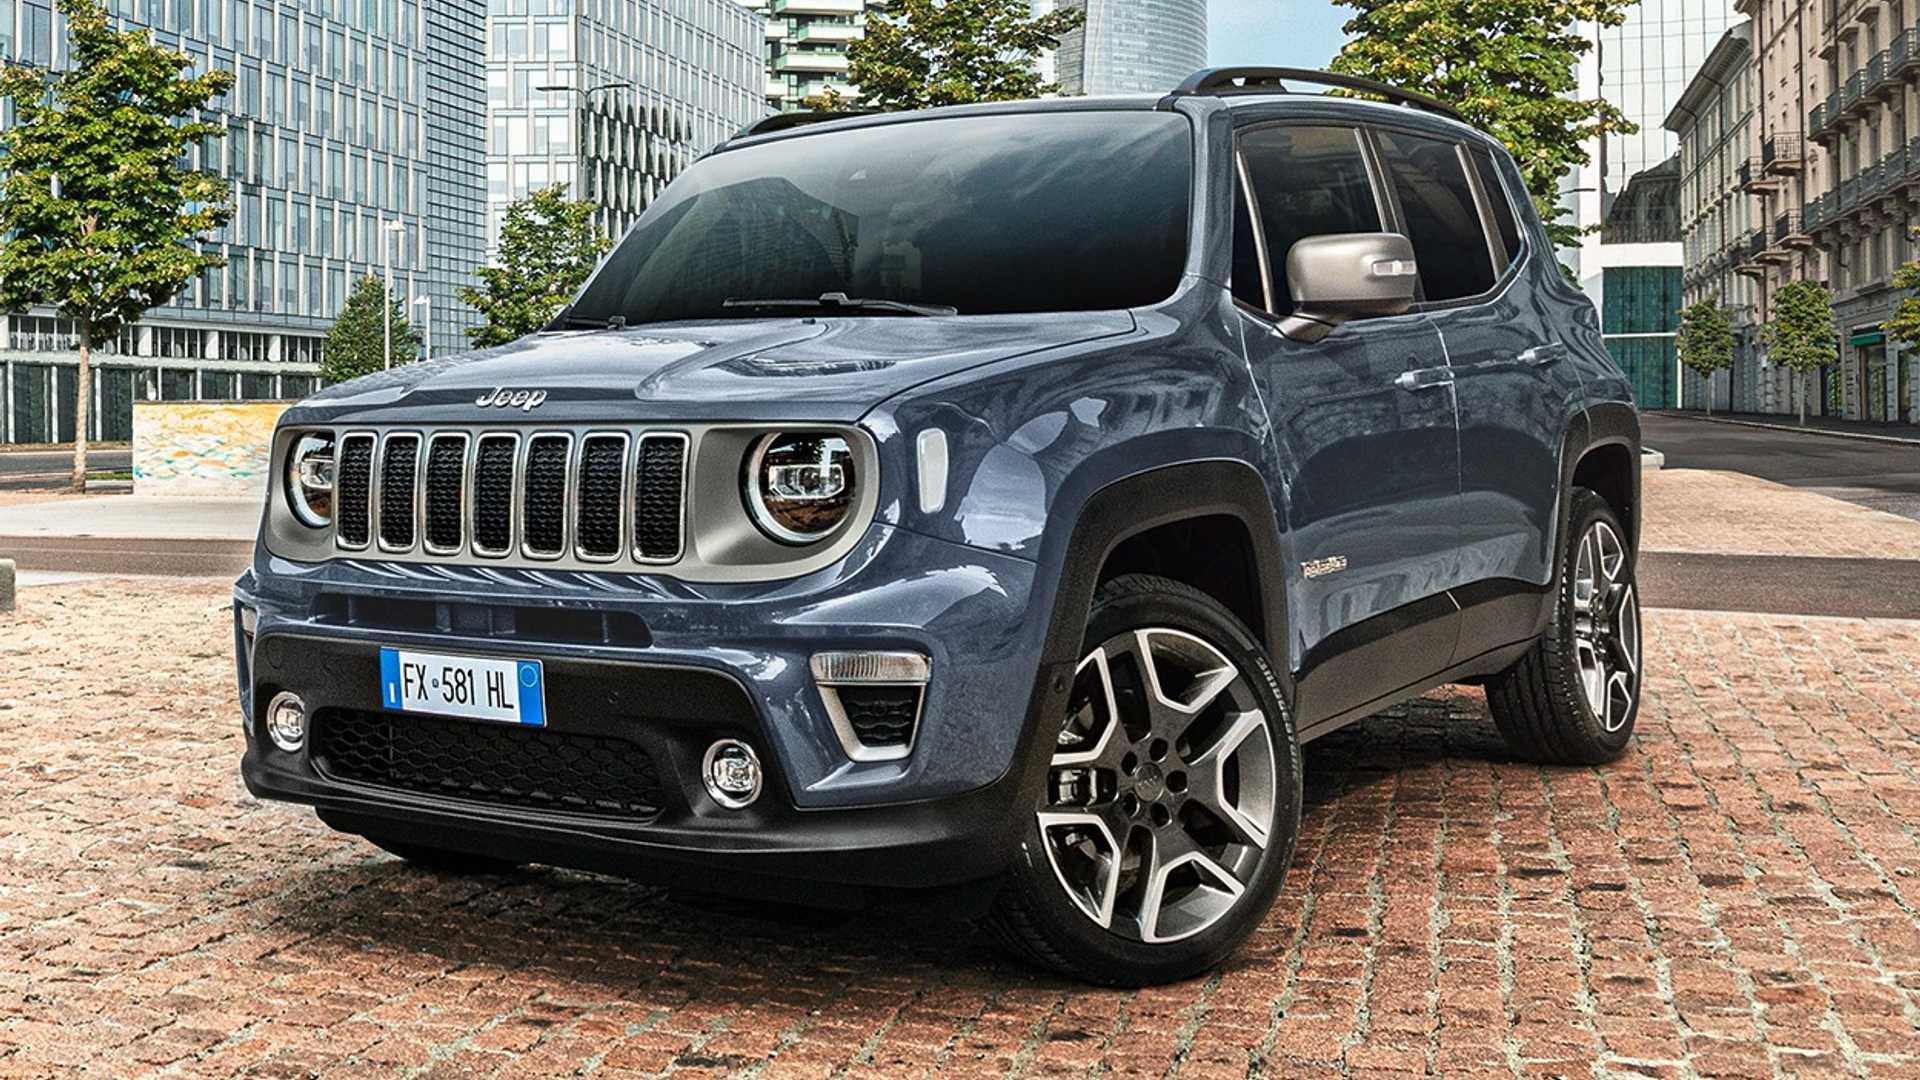 Renegade Week segue até o dia 22 com ofertas imperdíveis na Newsedan Jeep